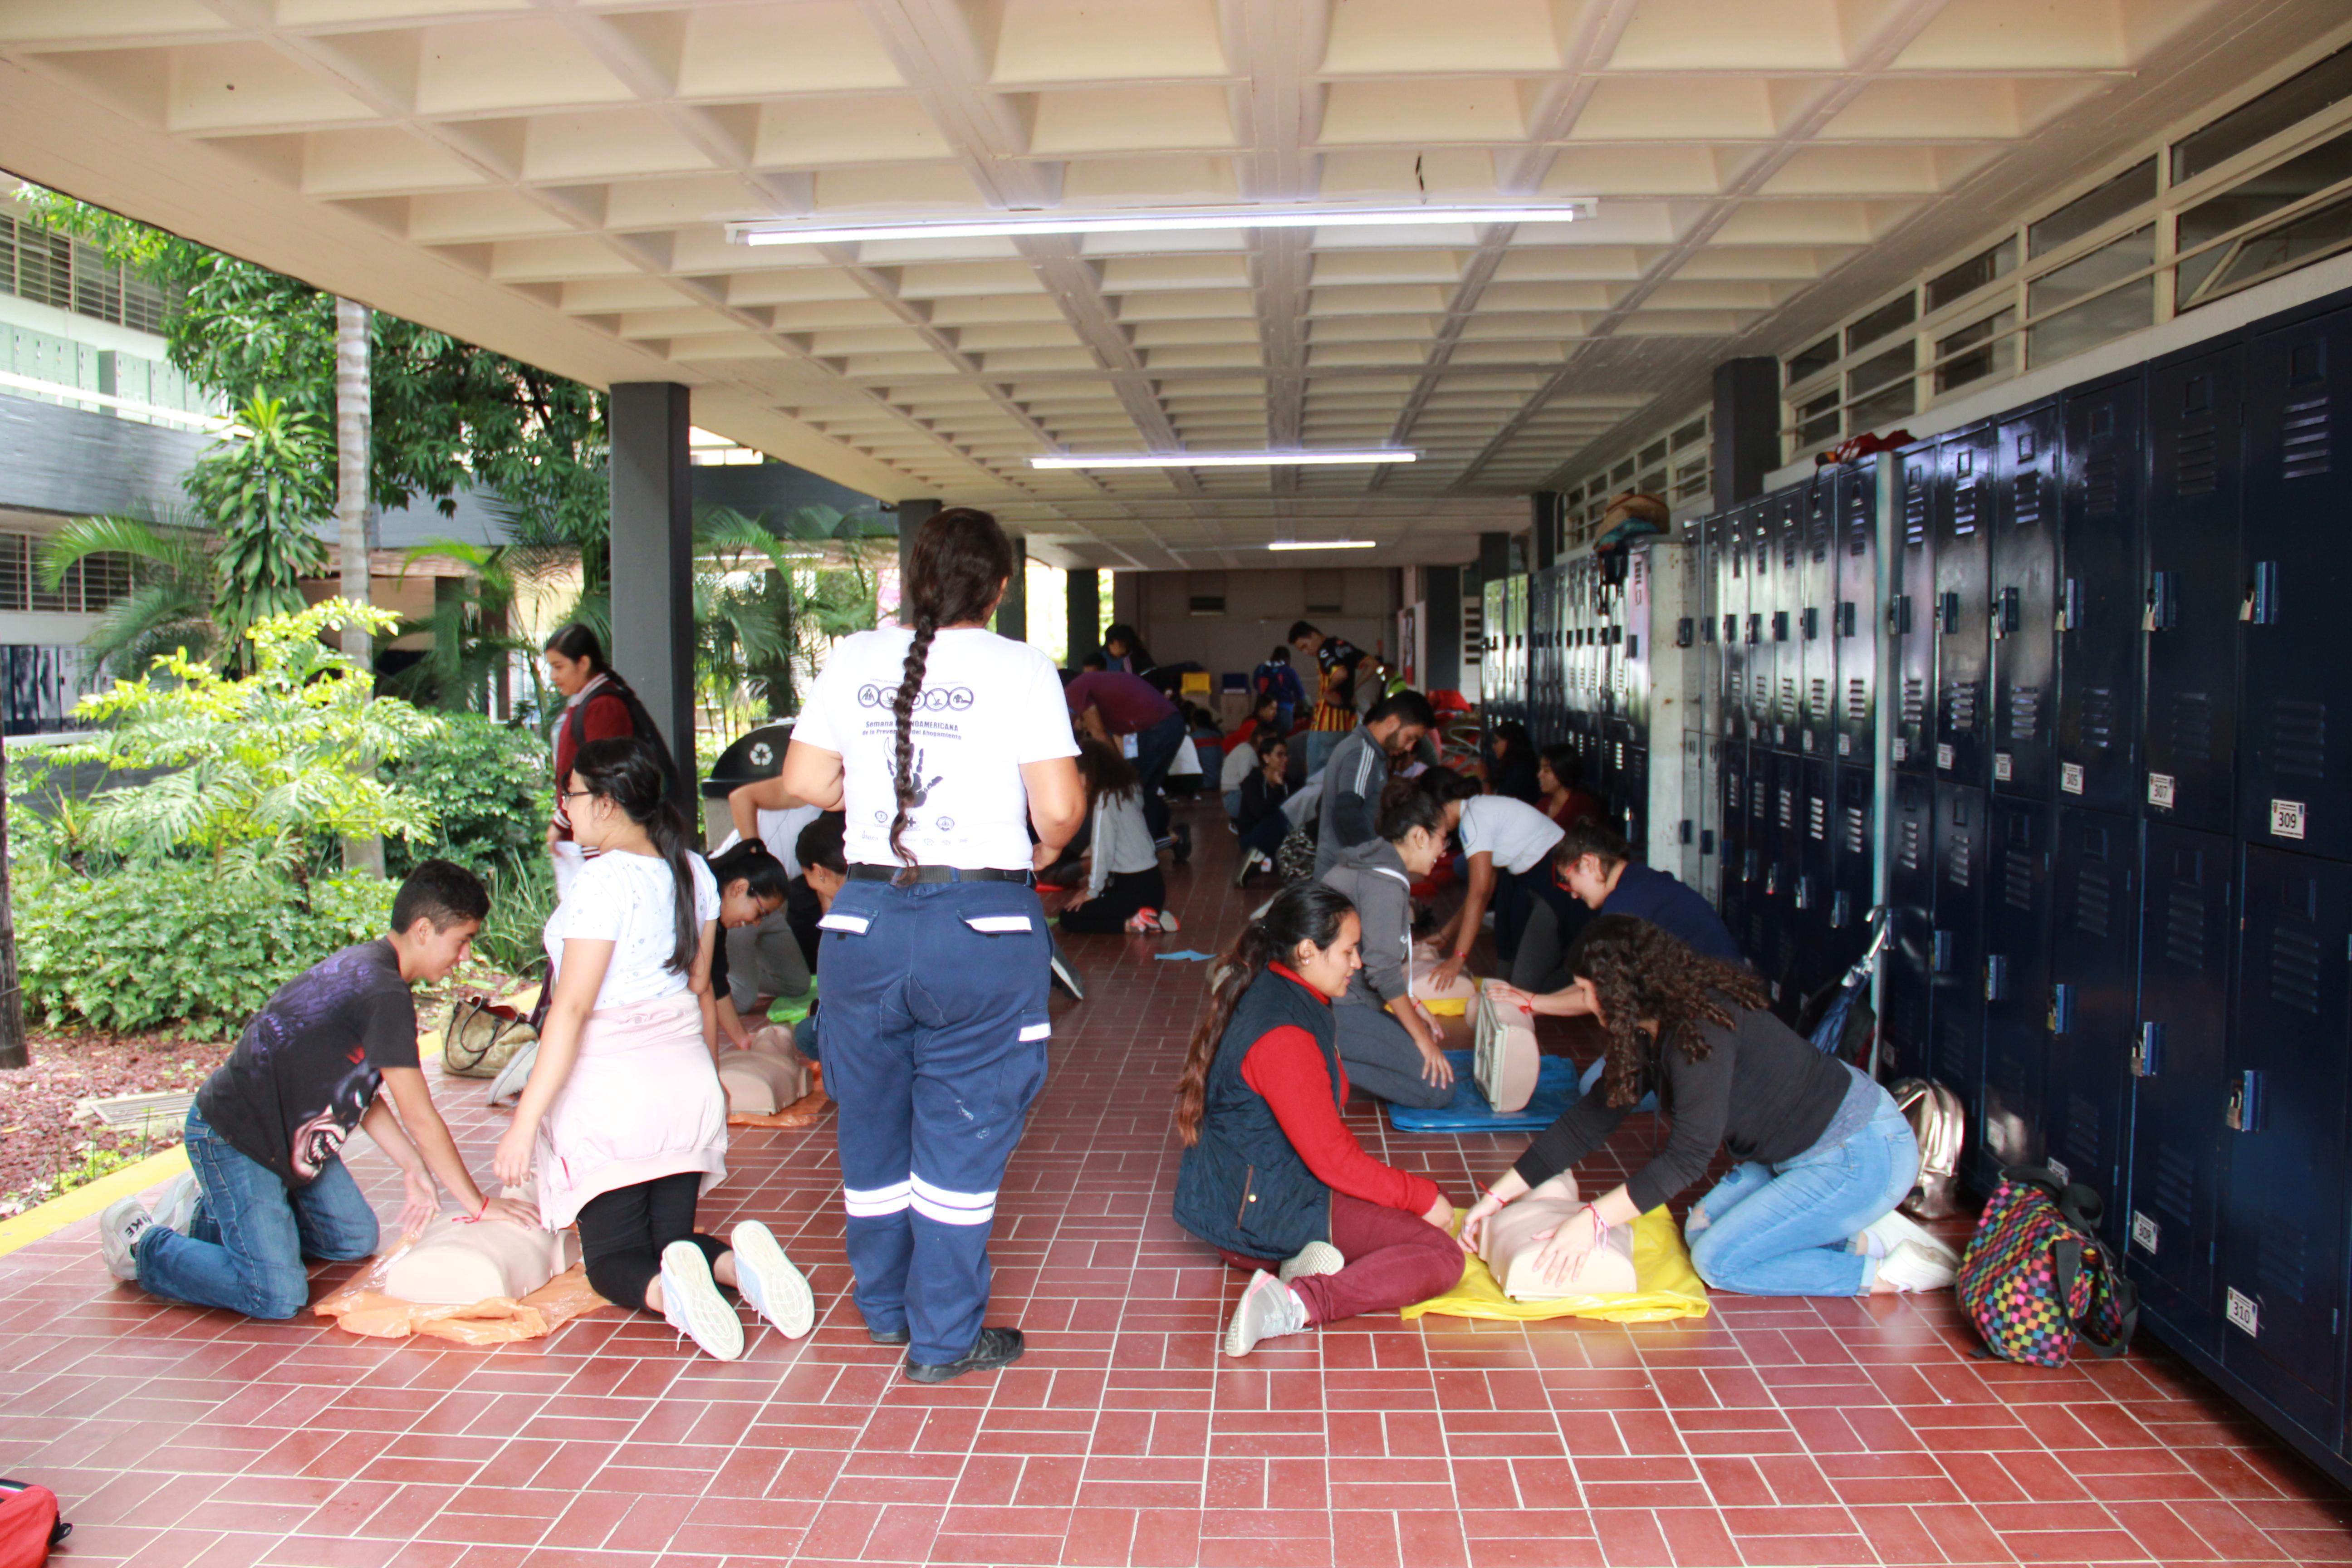 Voluntaria de protección civil instruyendo a alumnos en reanimación cardiopulmonar